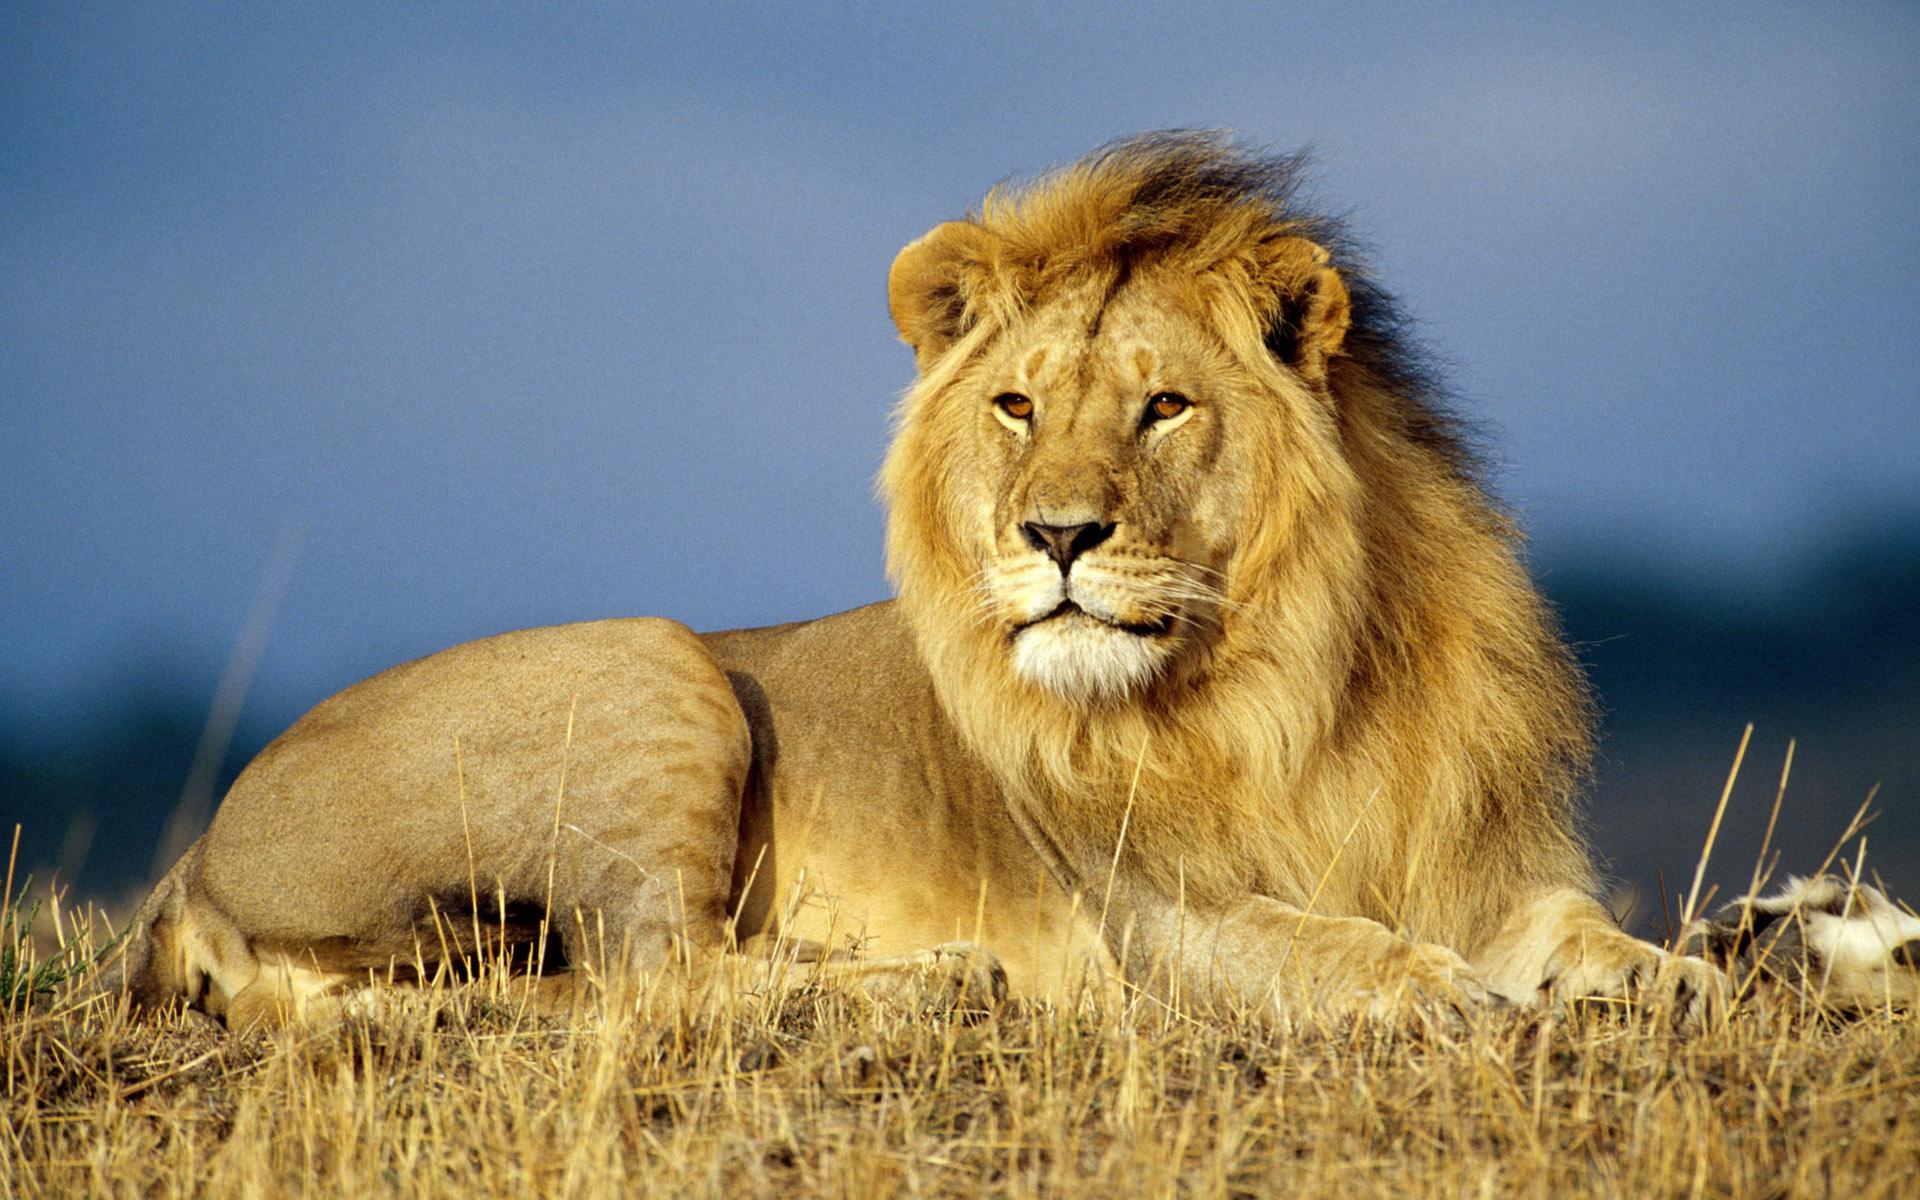 壁纸/三年级语文上册:28 狮子和鹿的图片素材...